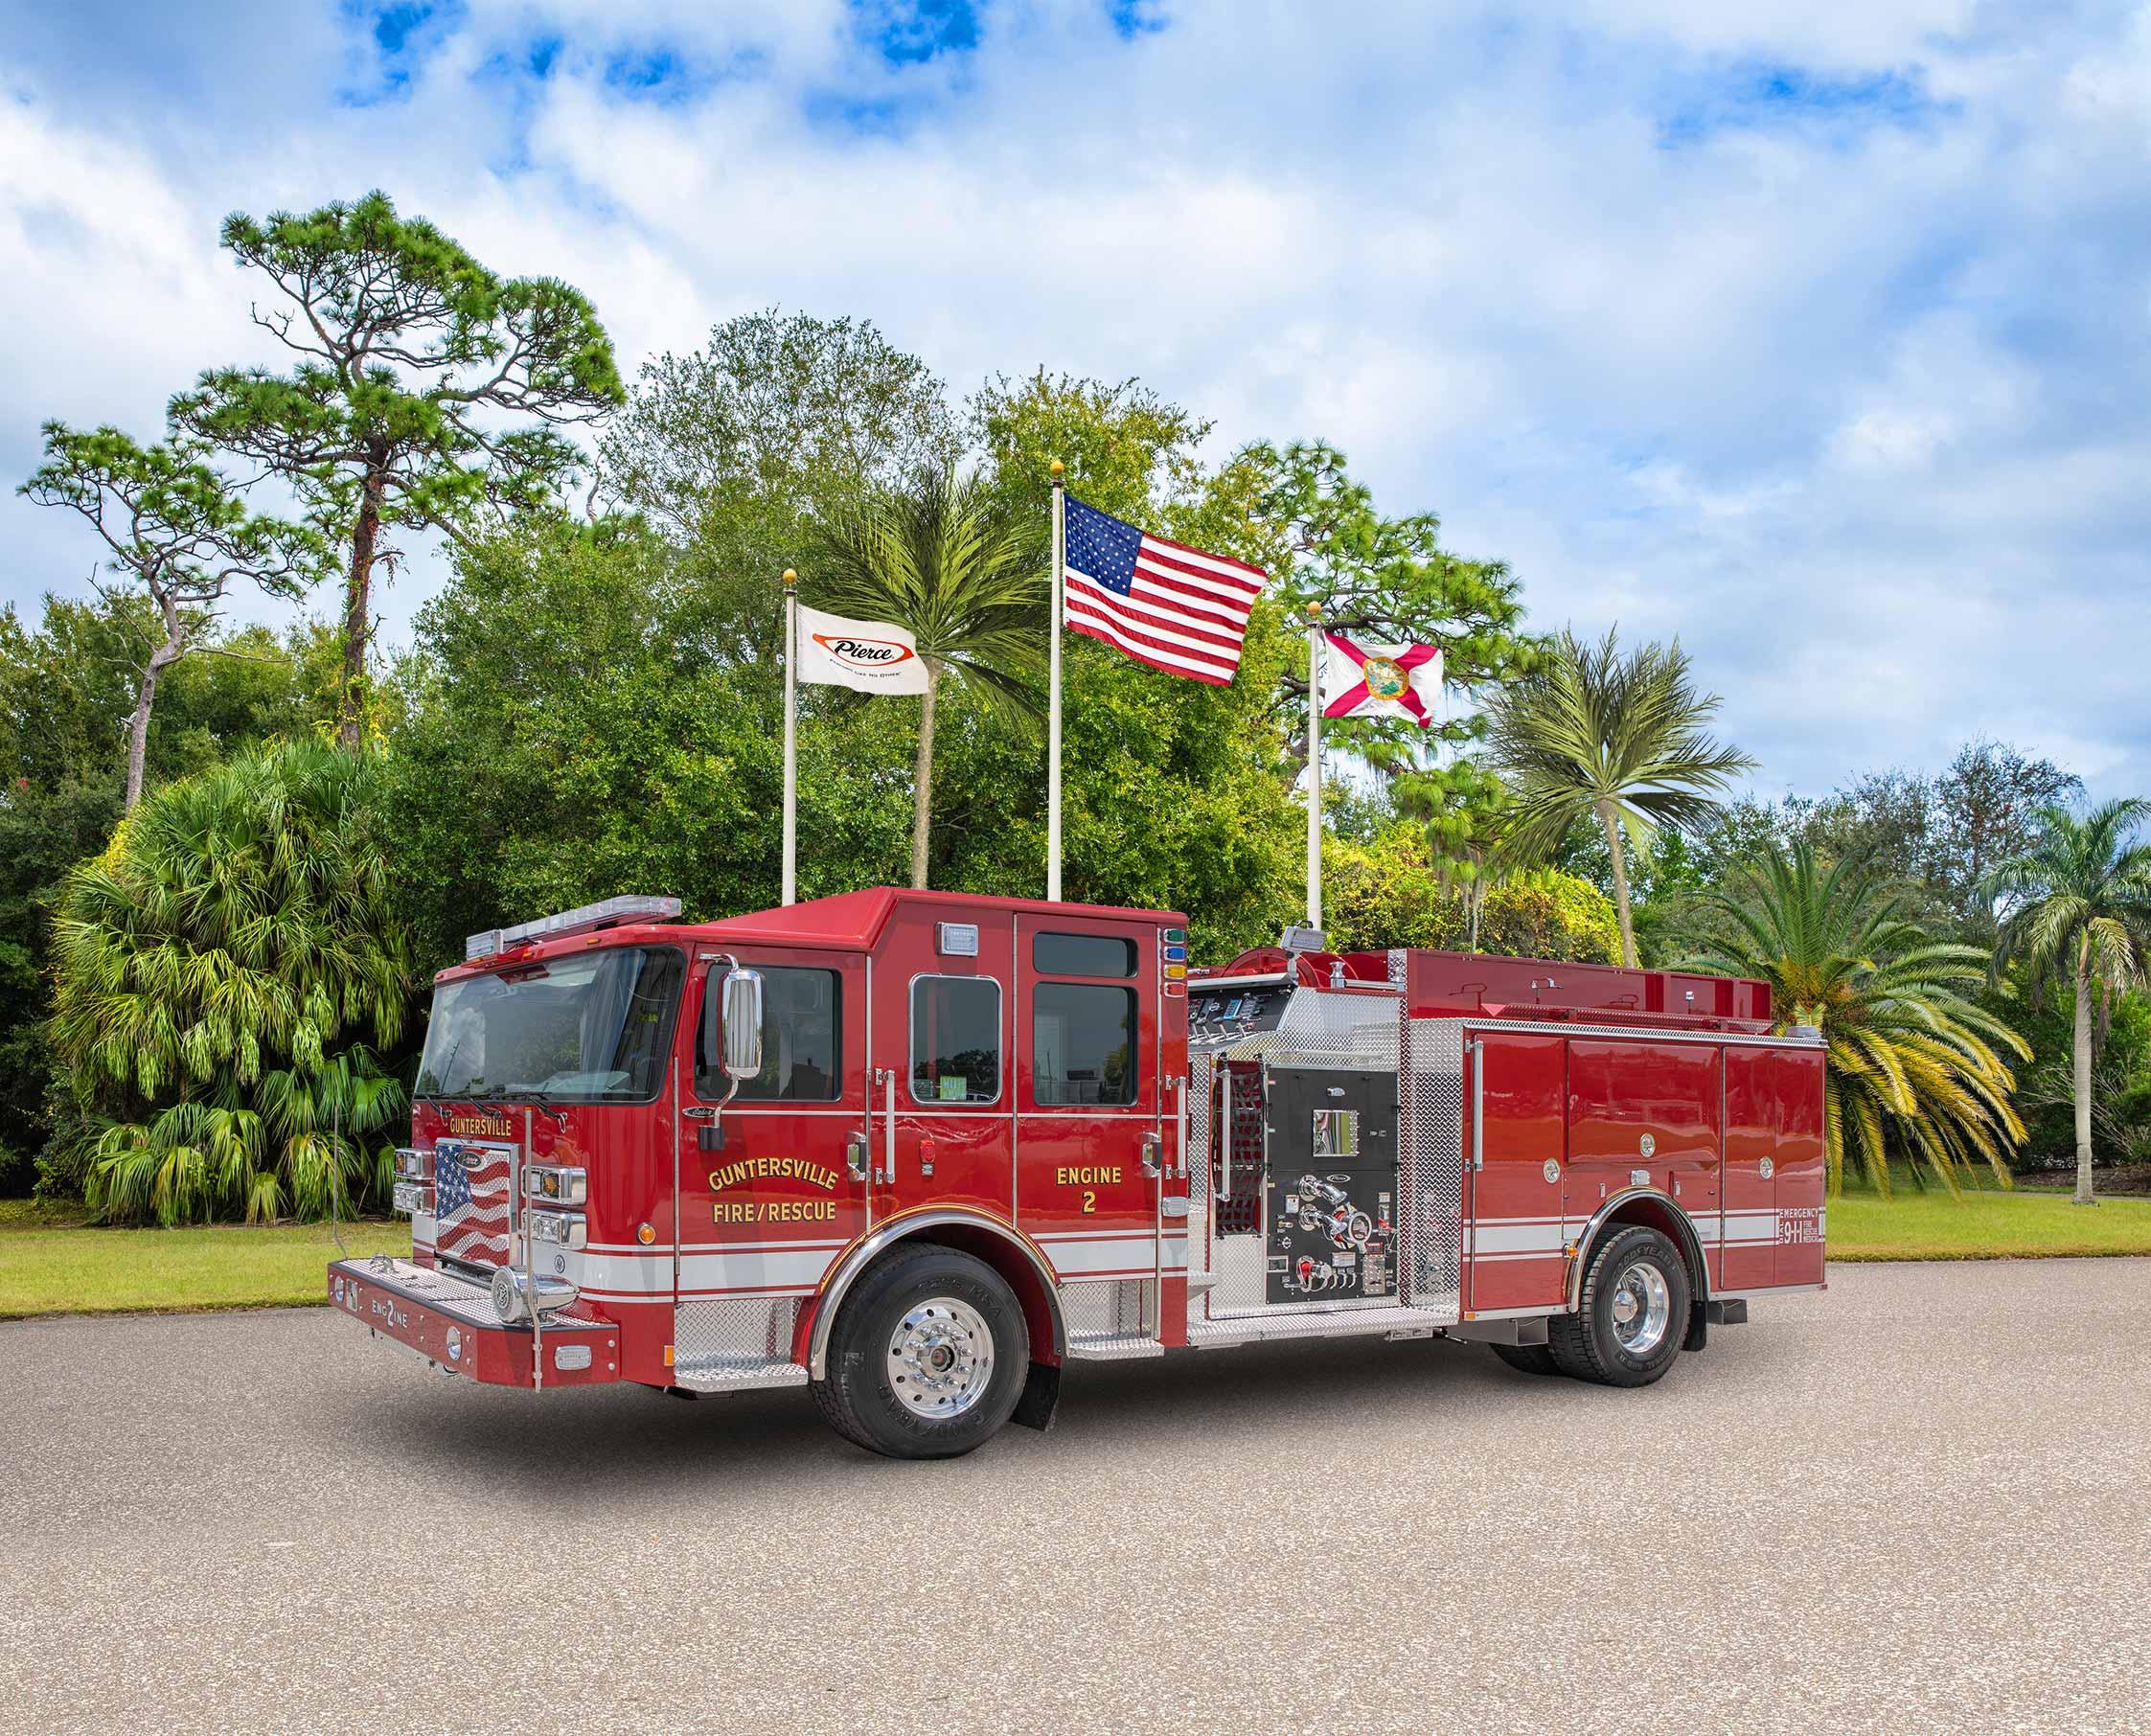 Guntersville Fire Department - Pumper